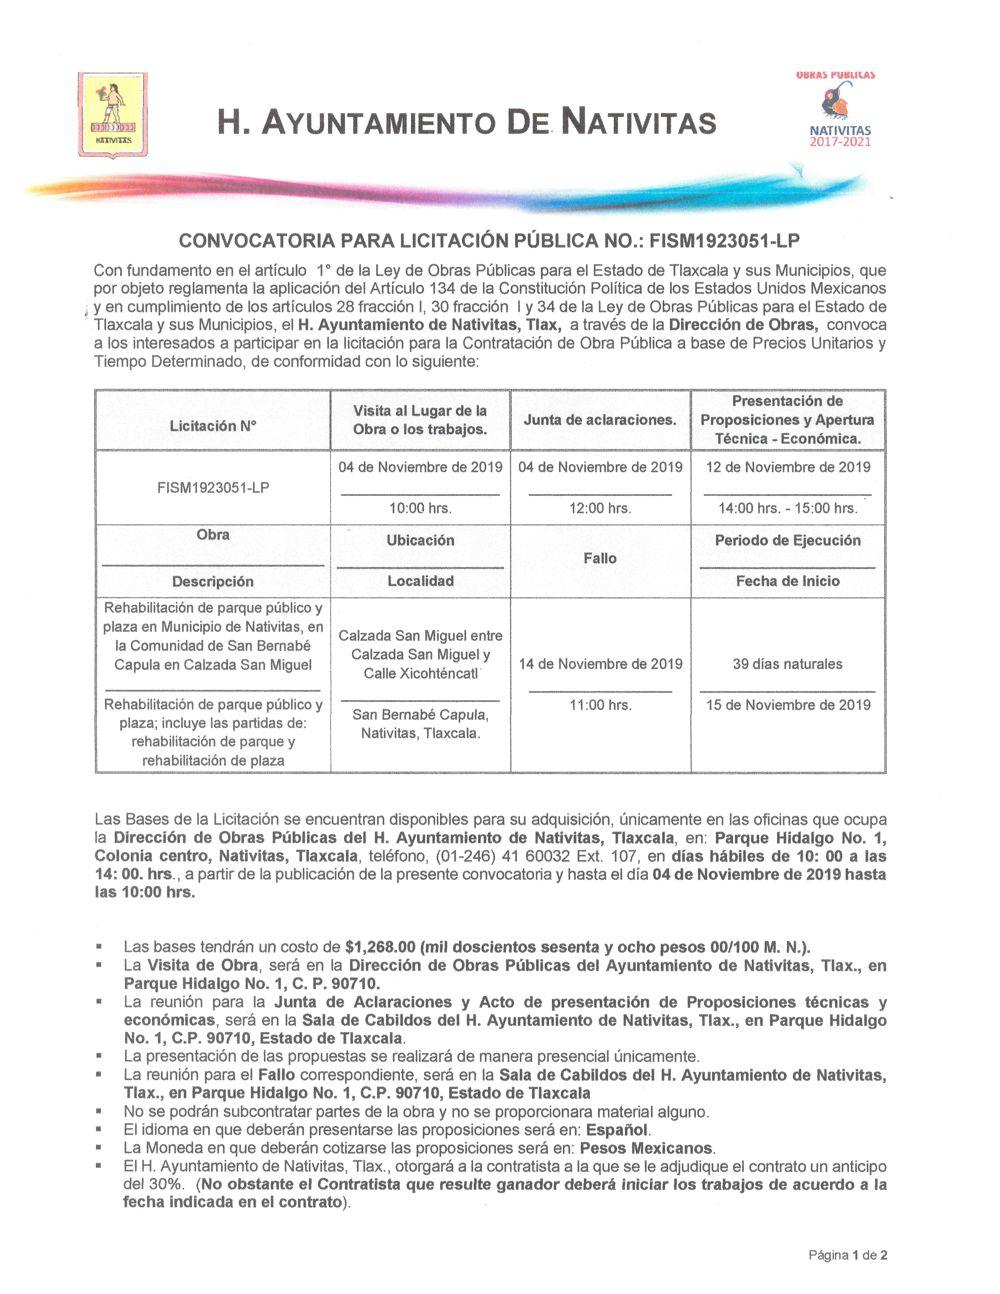 Convocatoria para licitación pública No. FISM1923051-LP en Nativitas